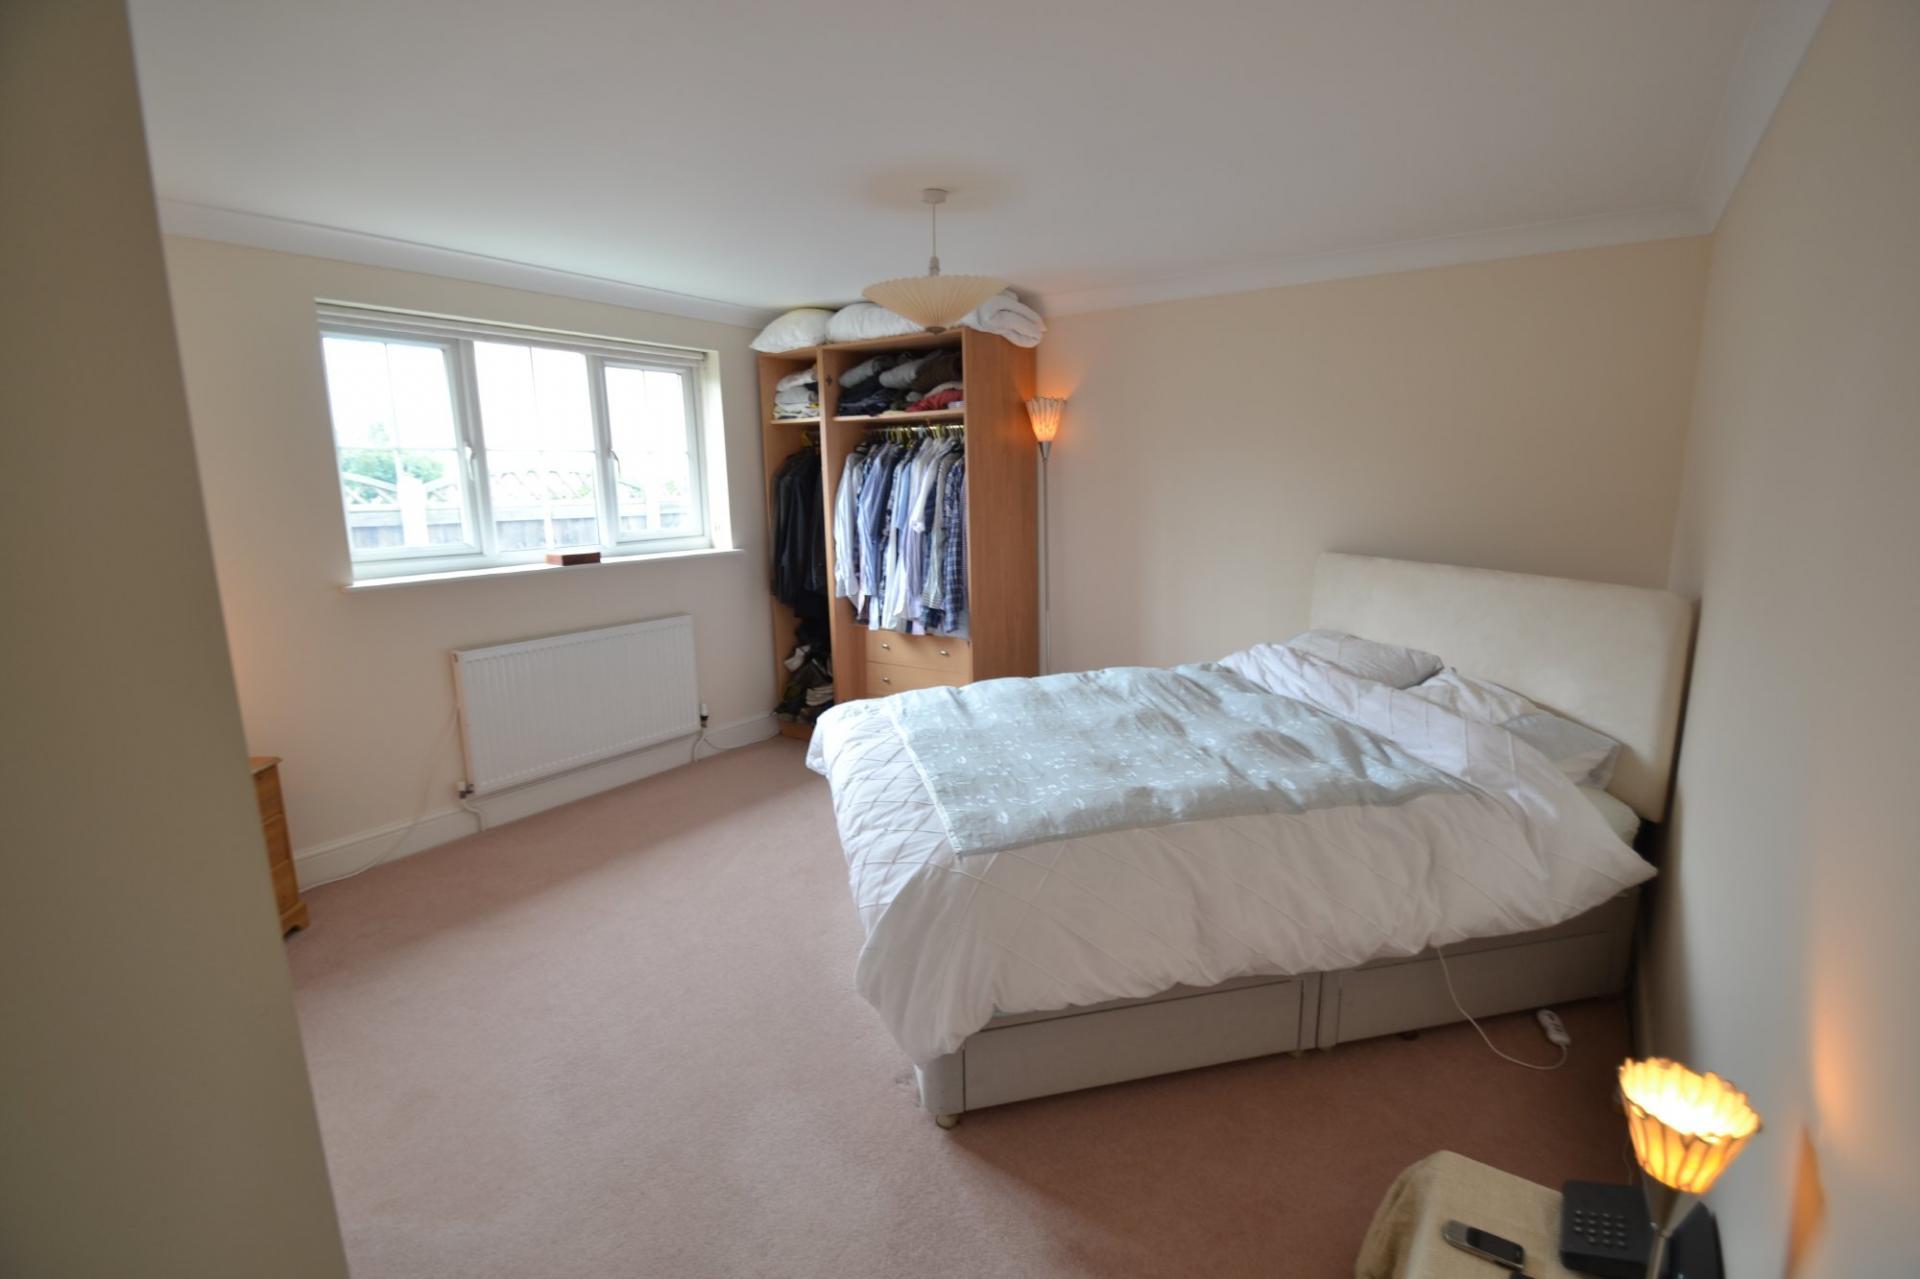 Liberator Bedroom 3 Bedroom Detached Bungalow For Sale In Sudbury